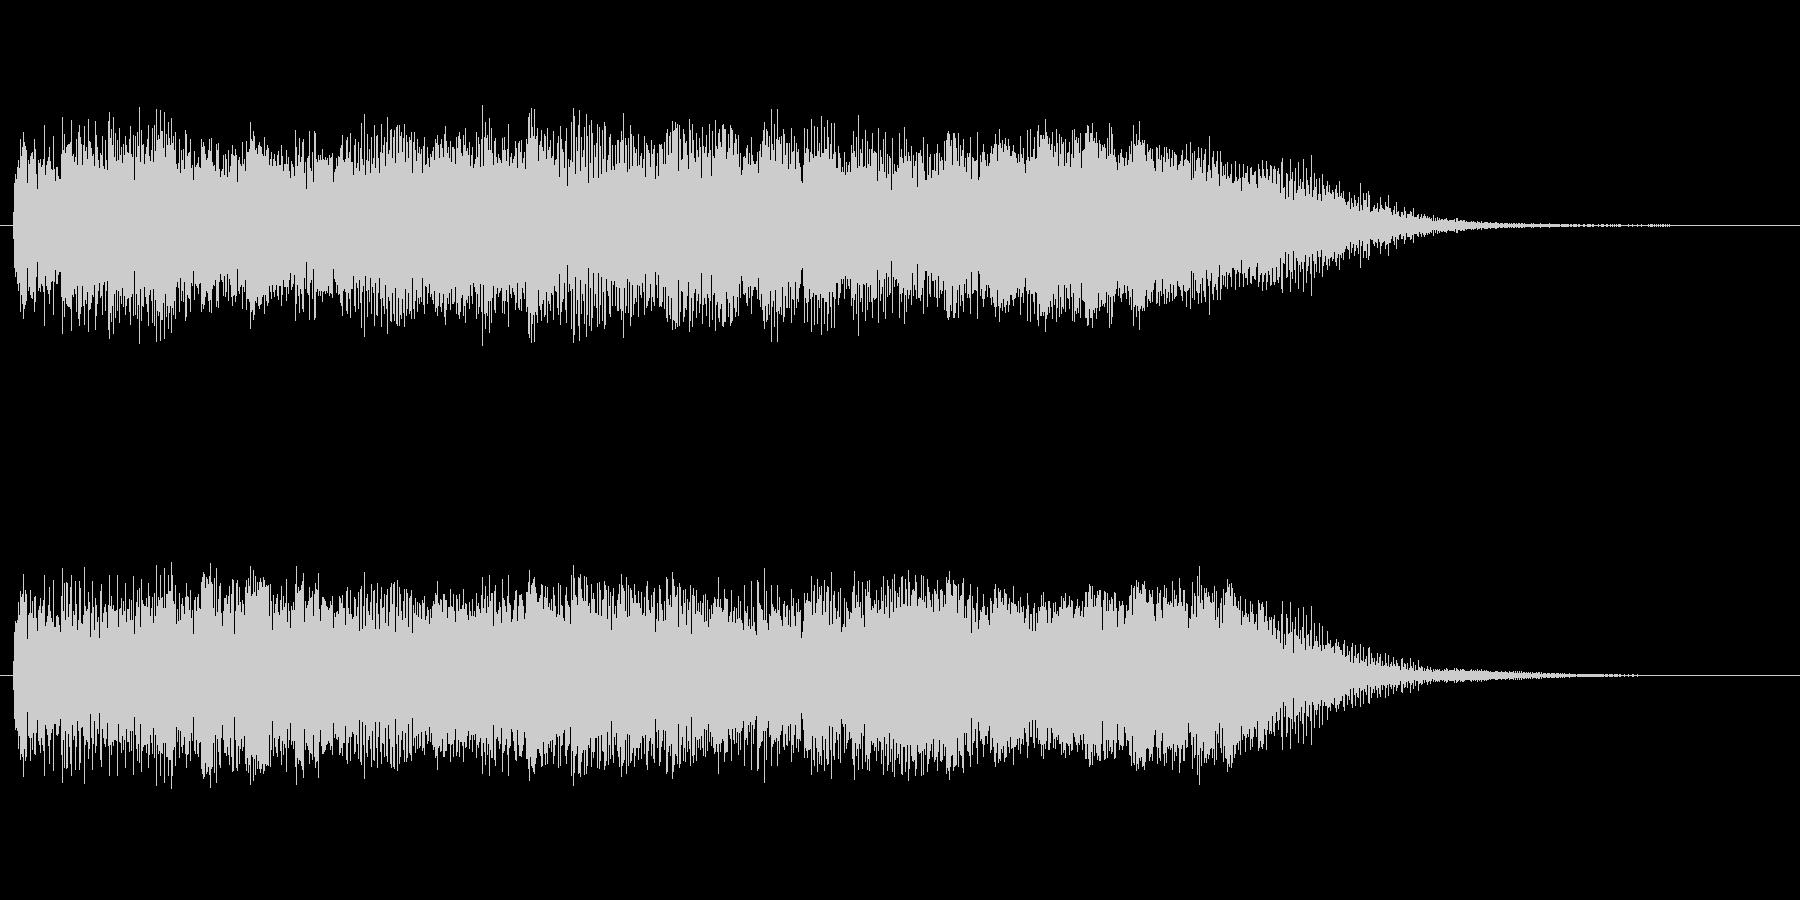 回転音的で動物の鳴き声にも聞こえる音ですの未再生の波形